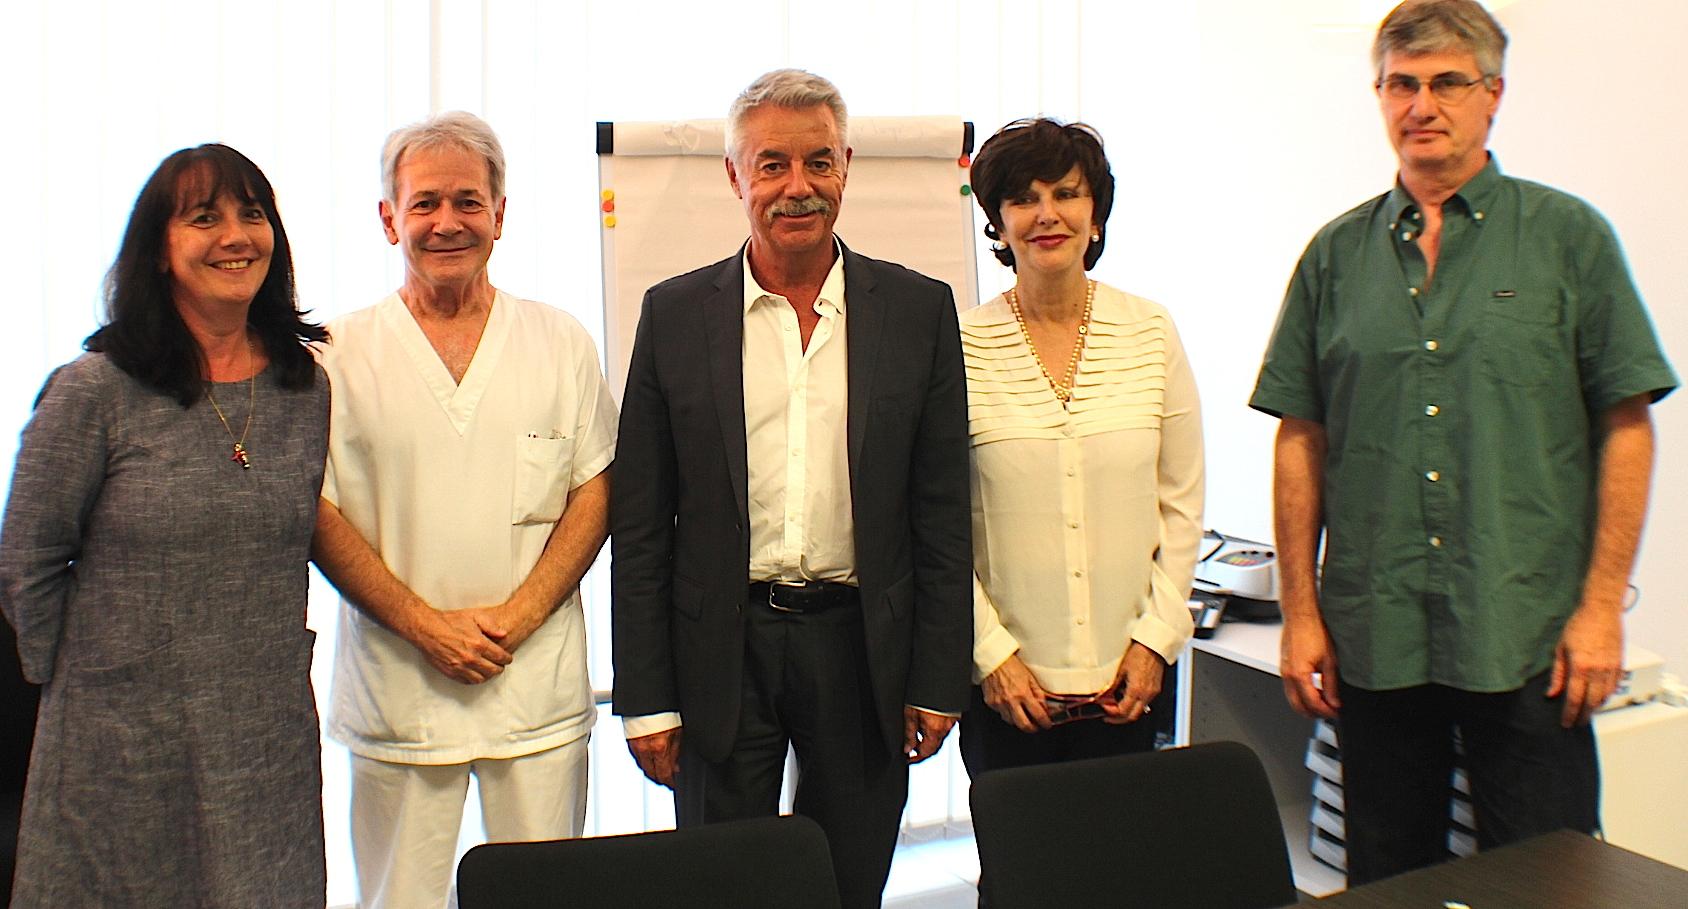 Catherine Langlade, le docteur Jacques Amadei, Pascal Forcioli, Marie-Pierre Steyer et le docteur Zonza : un projet médical partagé de territoire